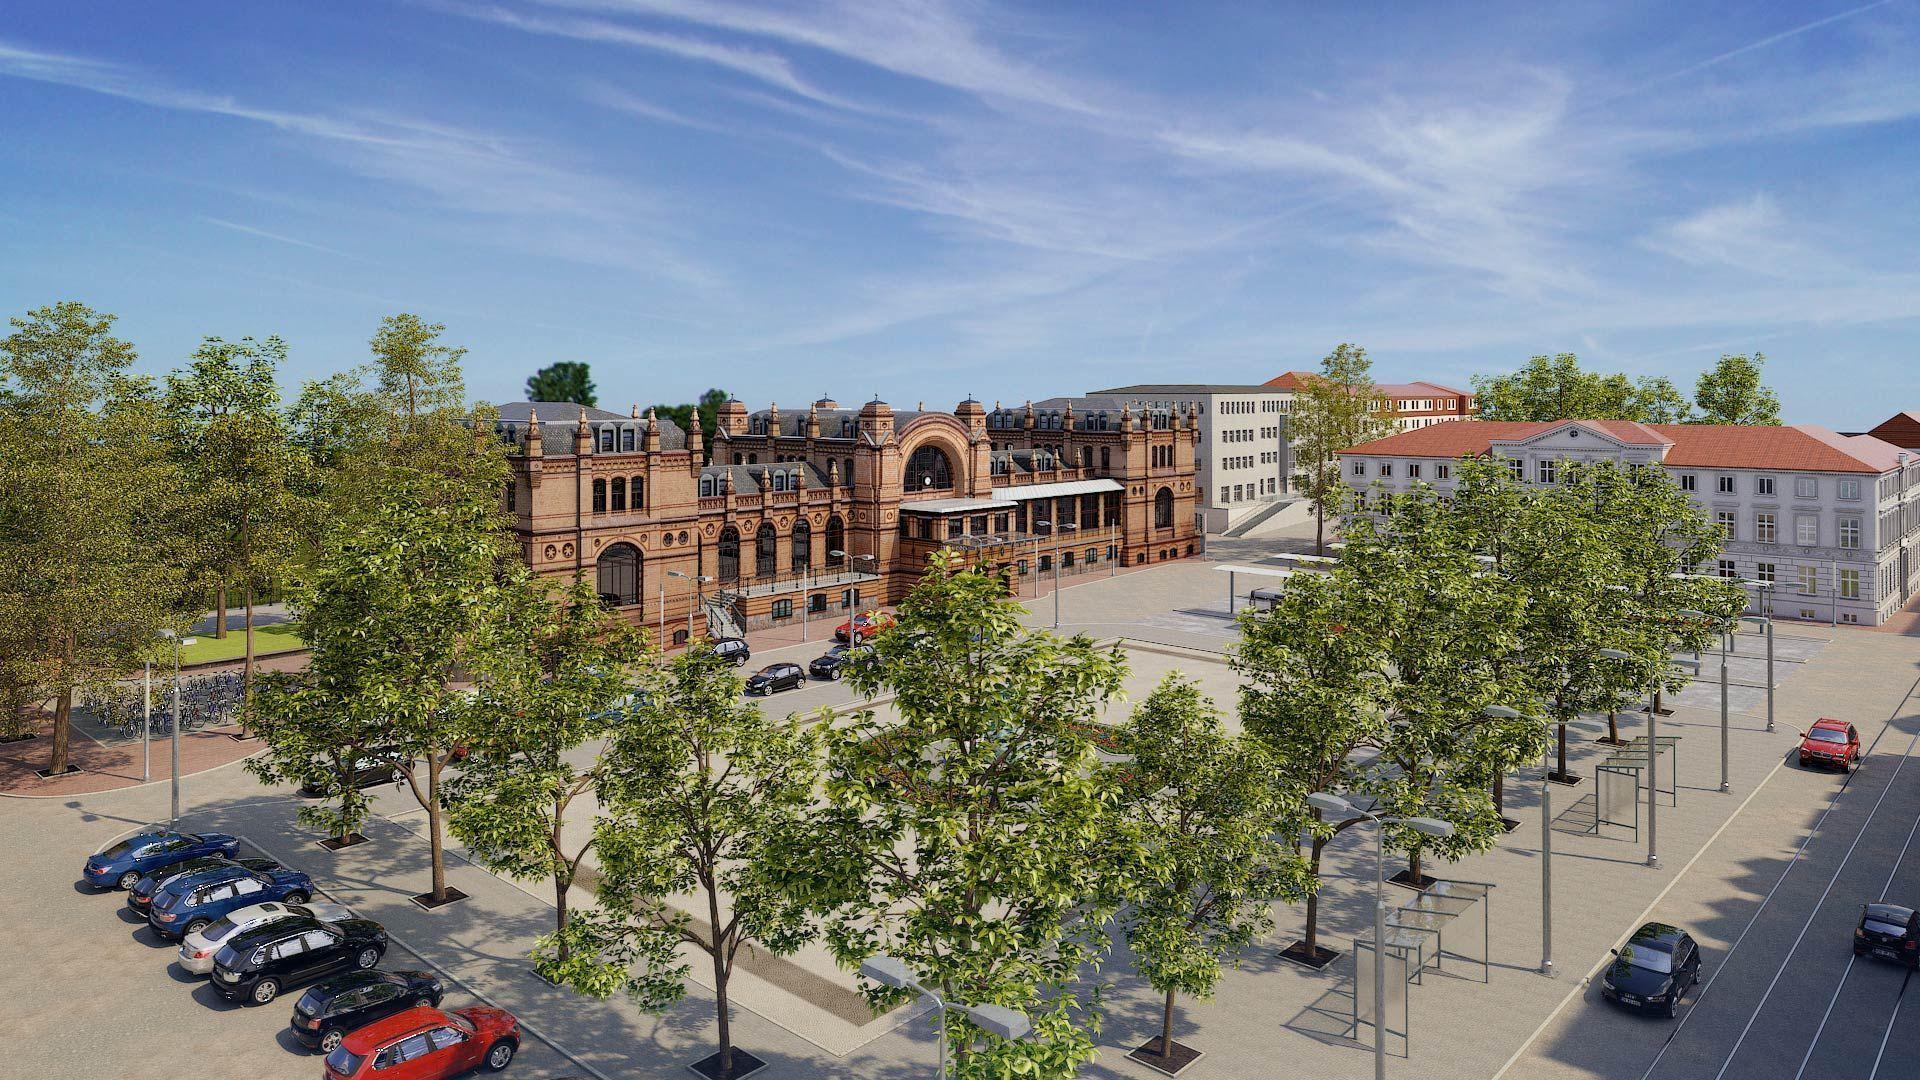 3D_Architekturvisualisierung_Schwerin_Grunthalplatz Schwerin Grunthalplatz 3D Architekturvisualisierung